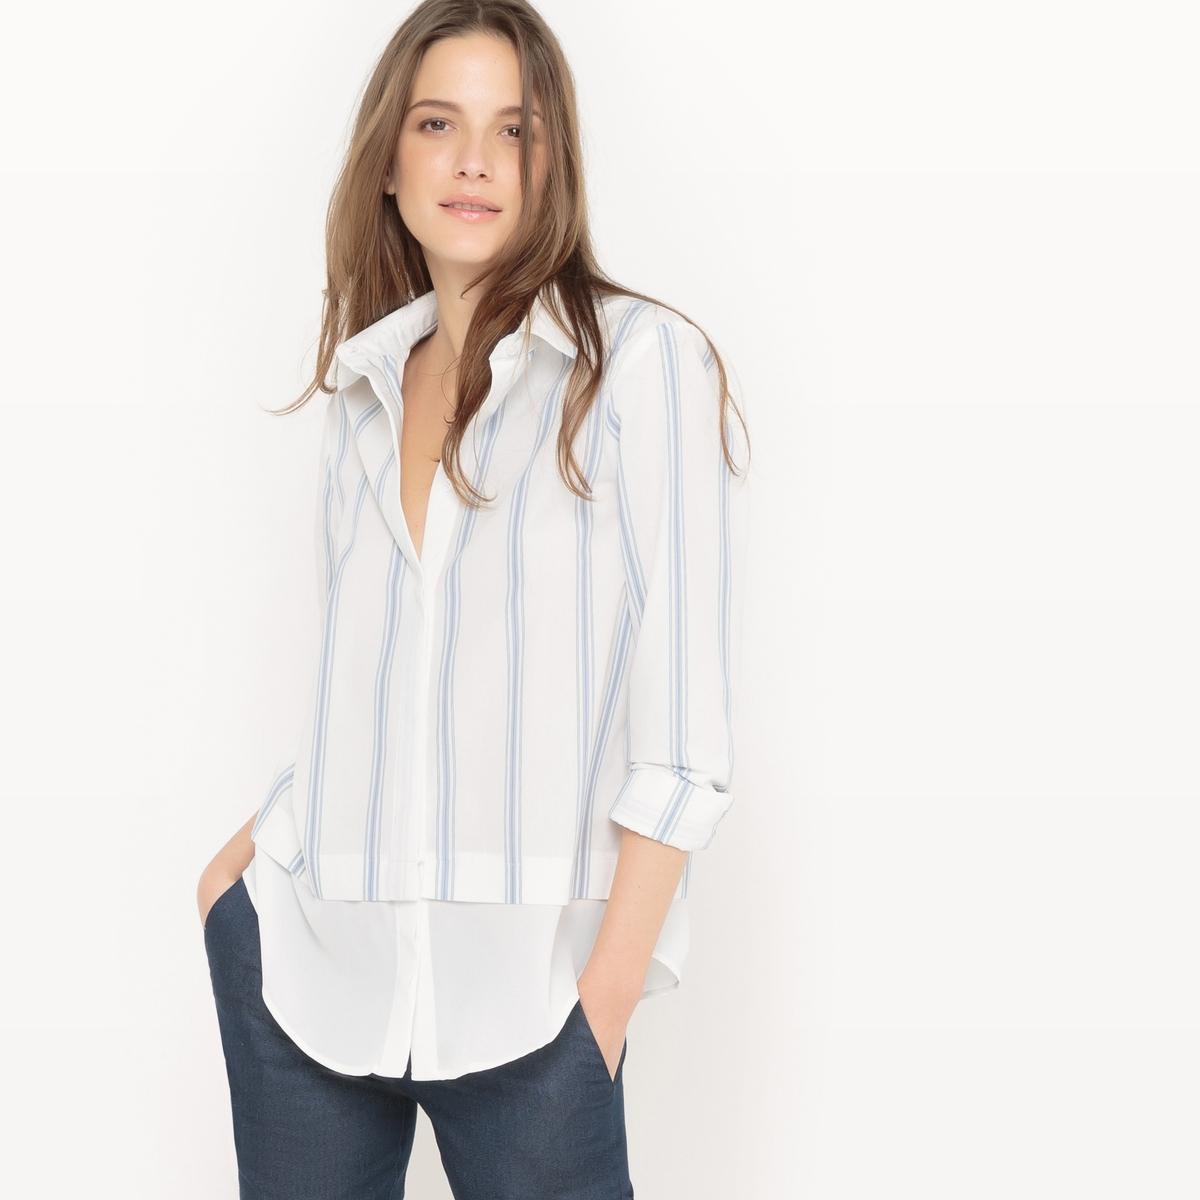 Рубашка асимметричная с длинными рукавами из хлопка